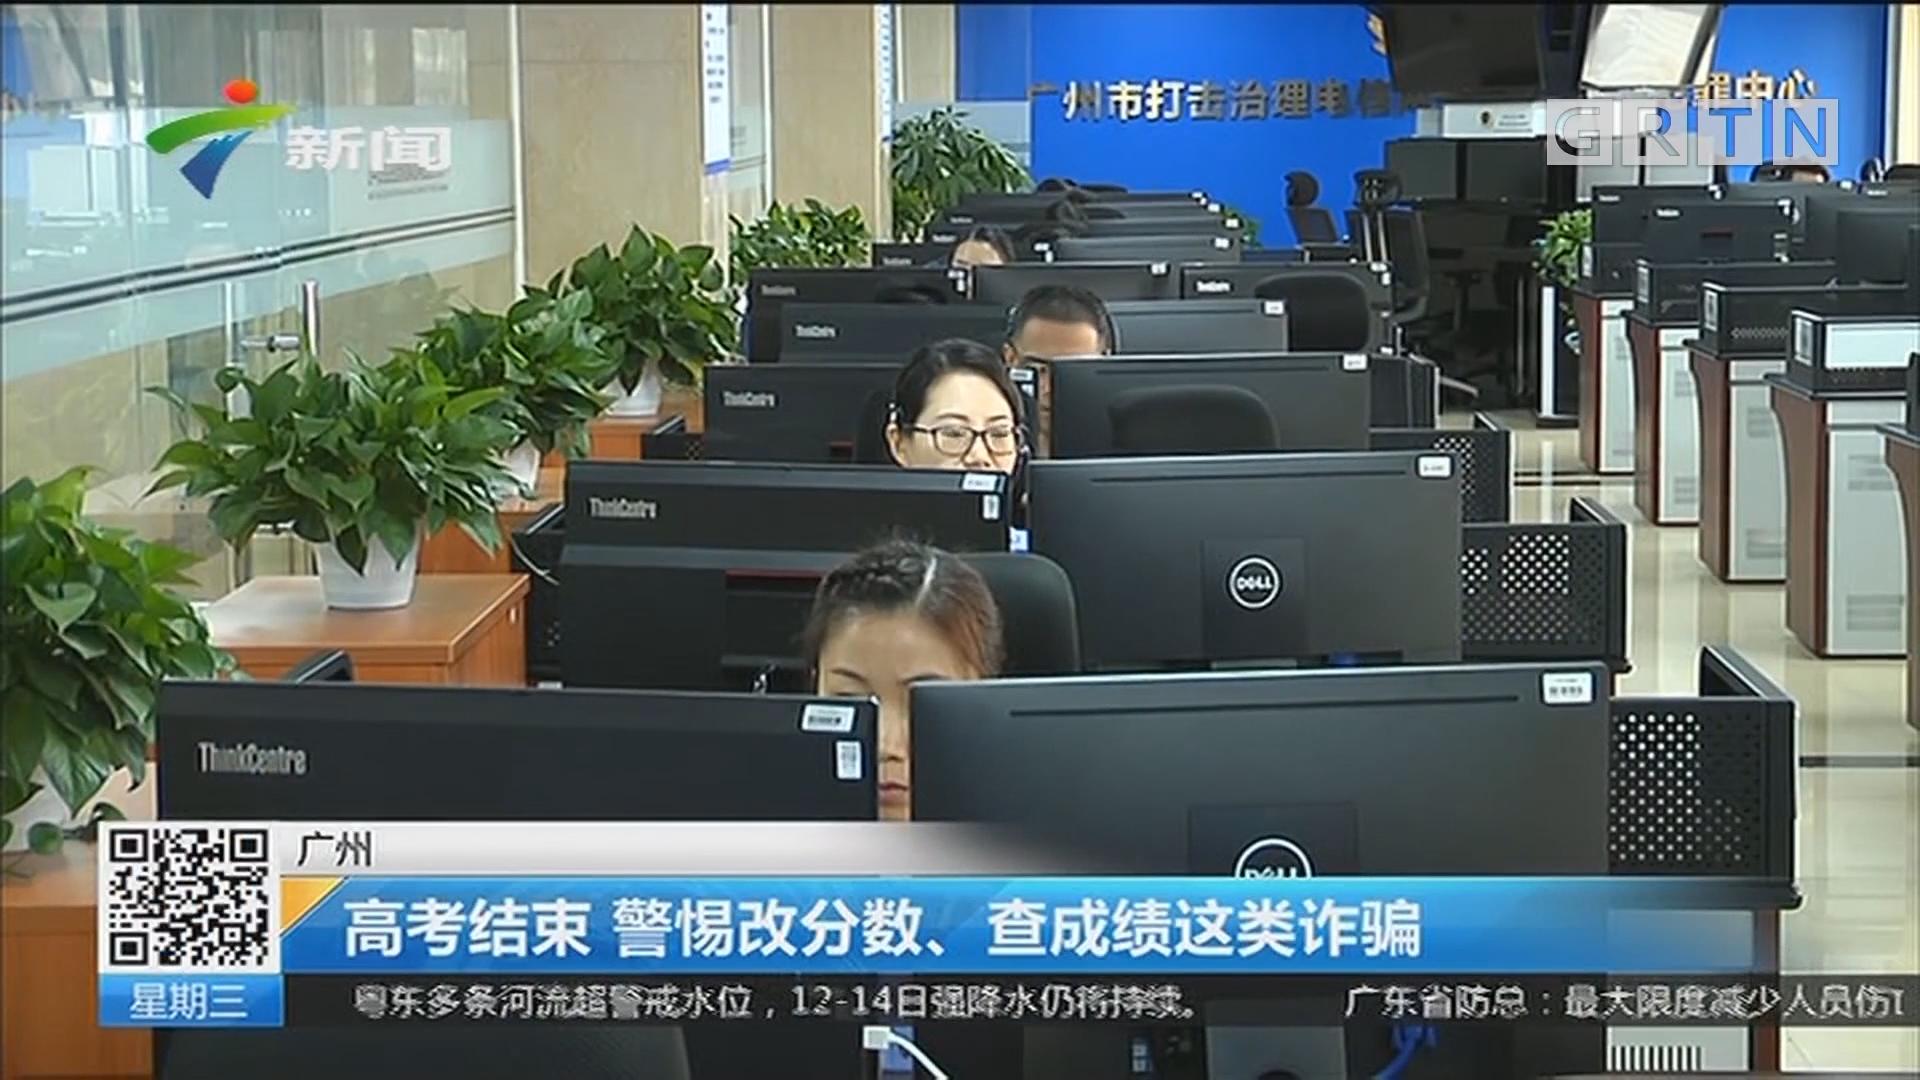 广州:高考结束 警惕改分数、查成绩这类诈骗